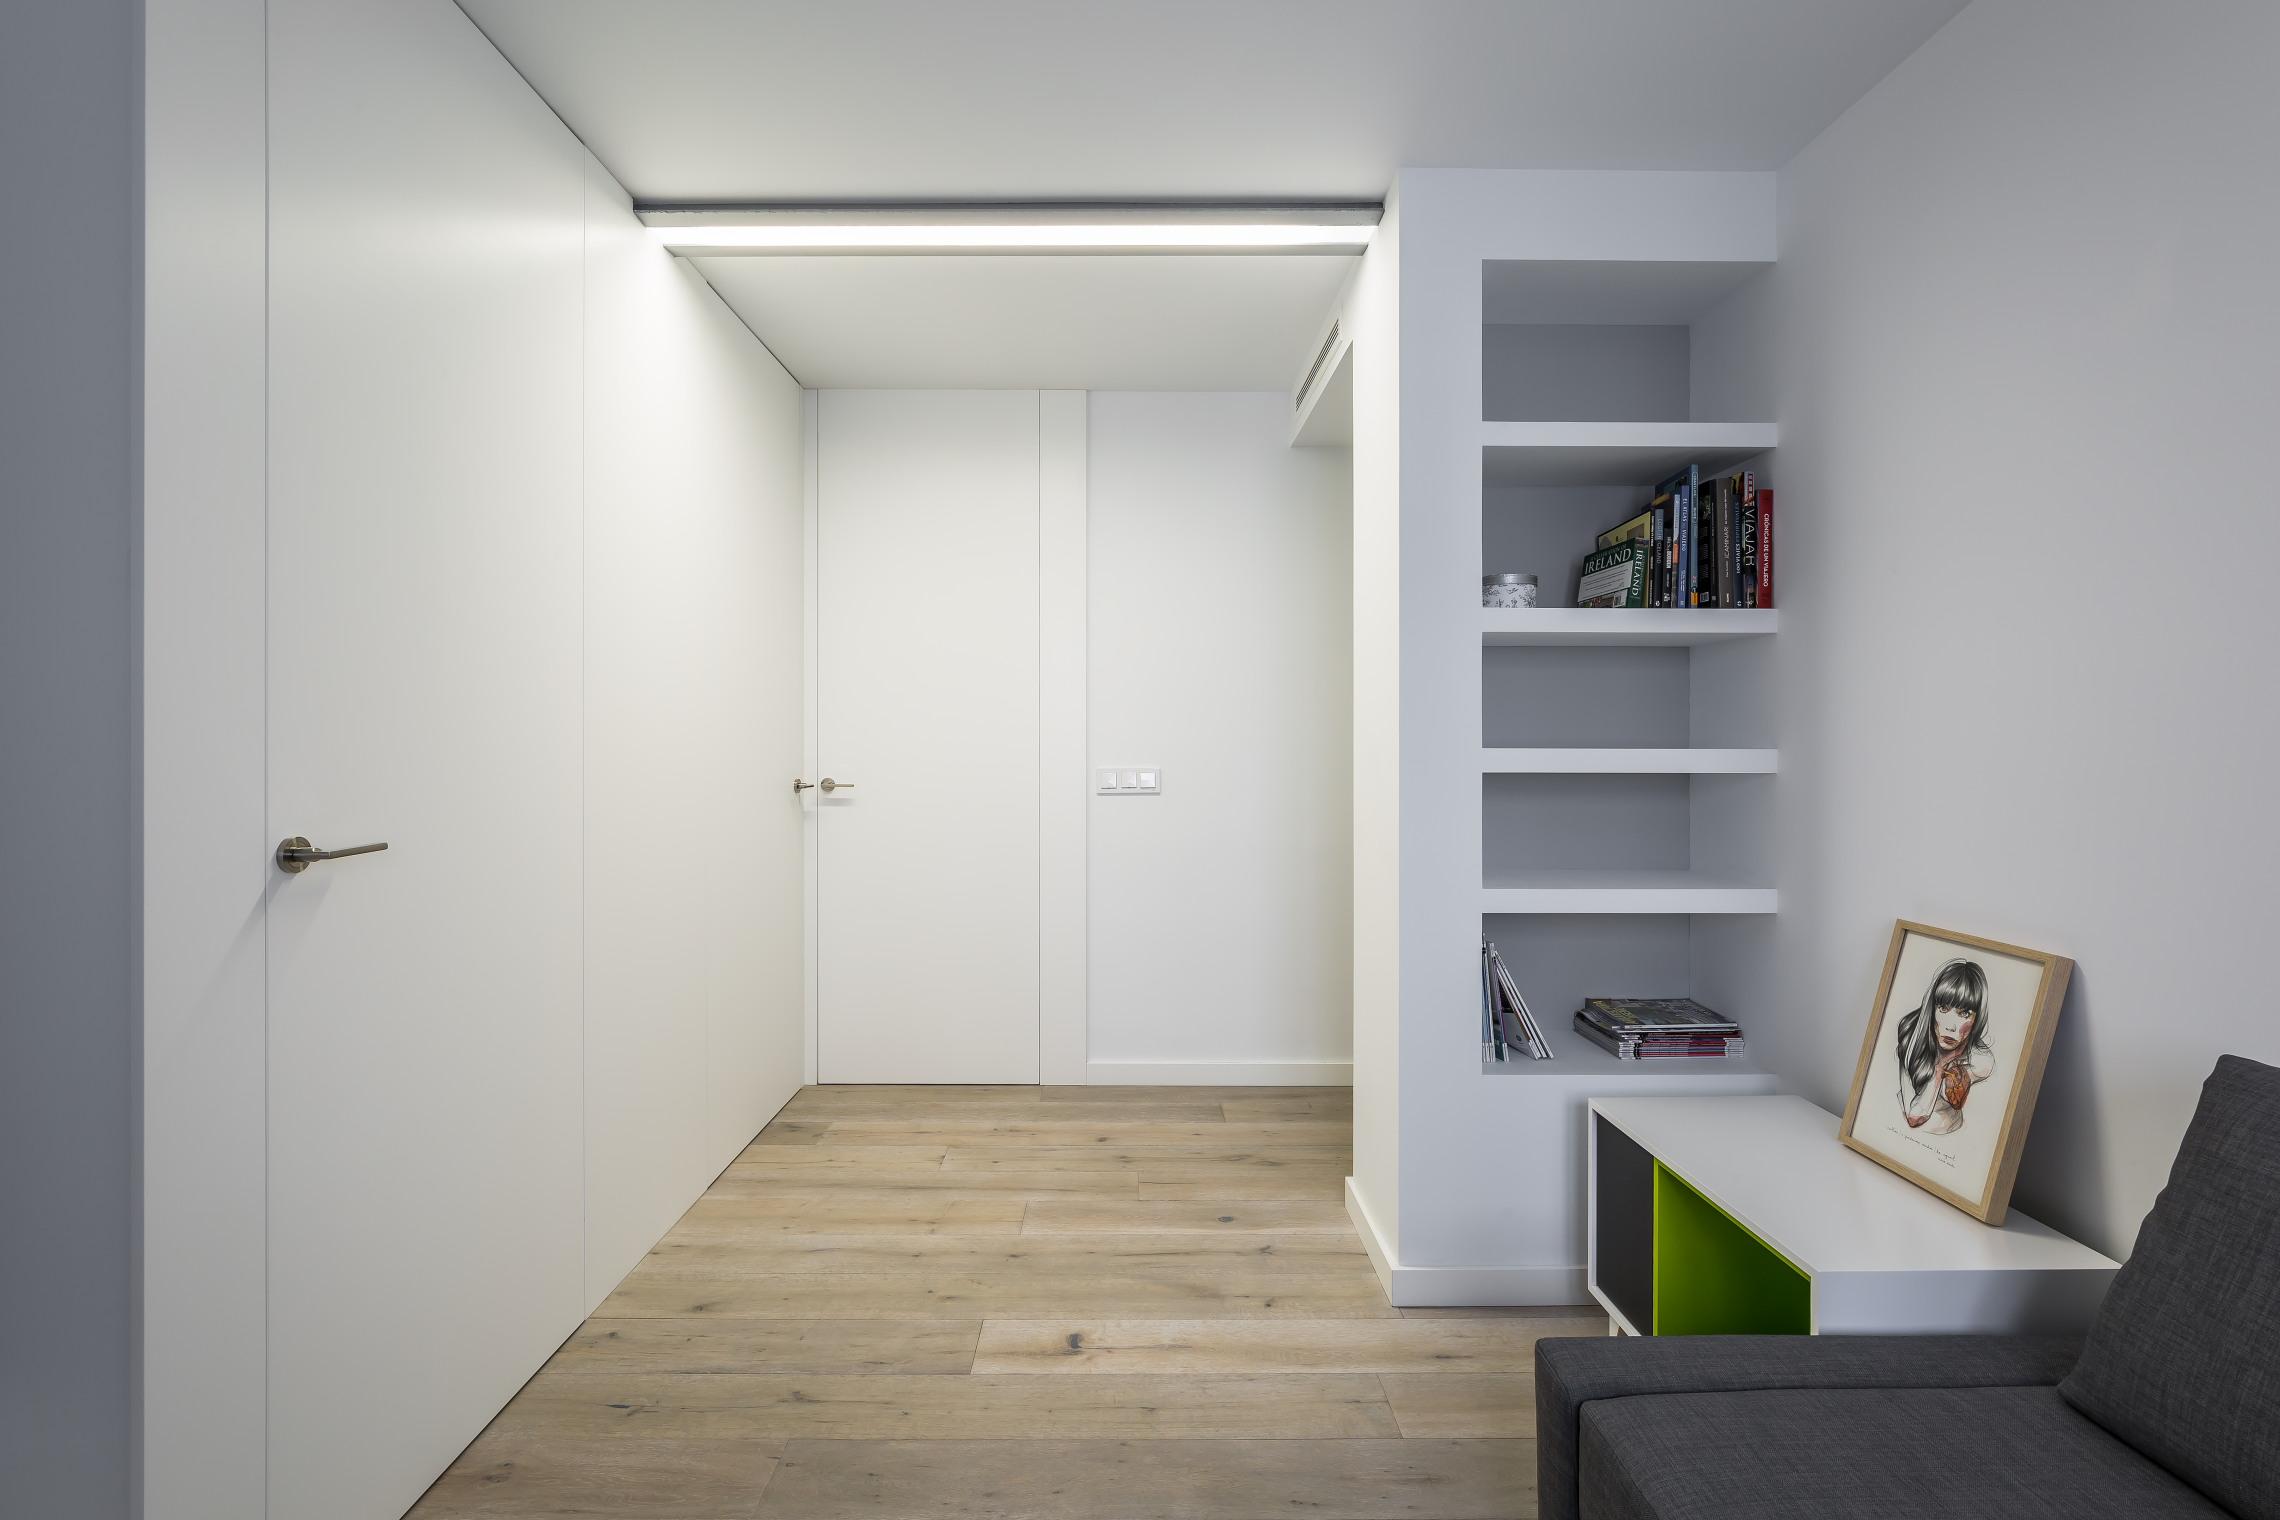 fotografia-arquitectura-valencia-german-cabo-ambau-gordillo (32)